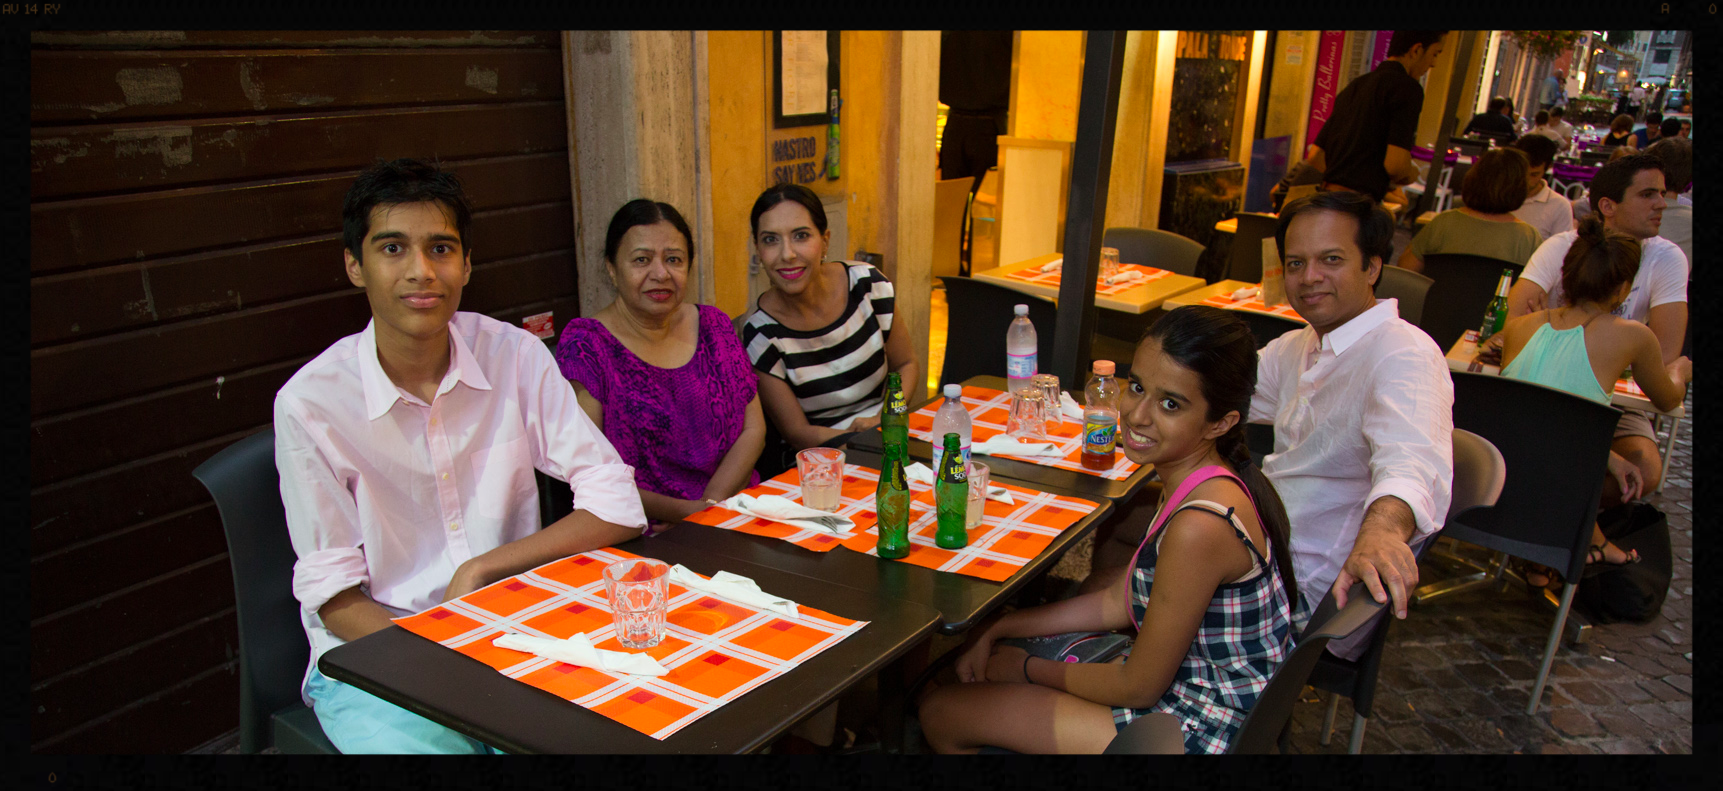 Family having dinner in Rome